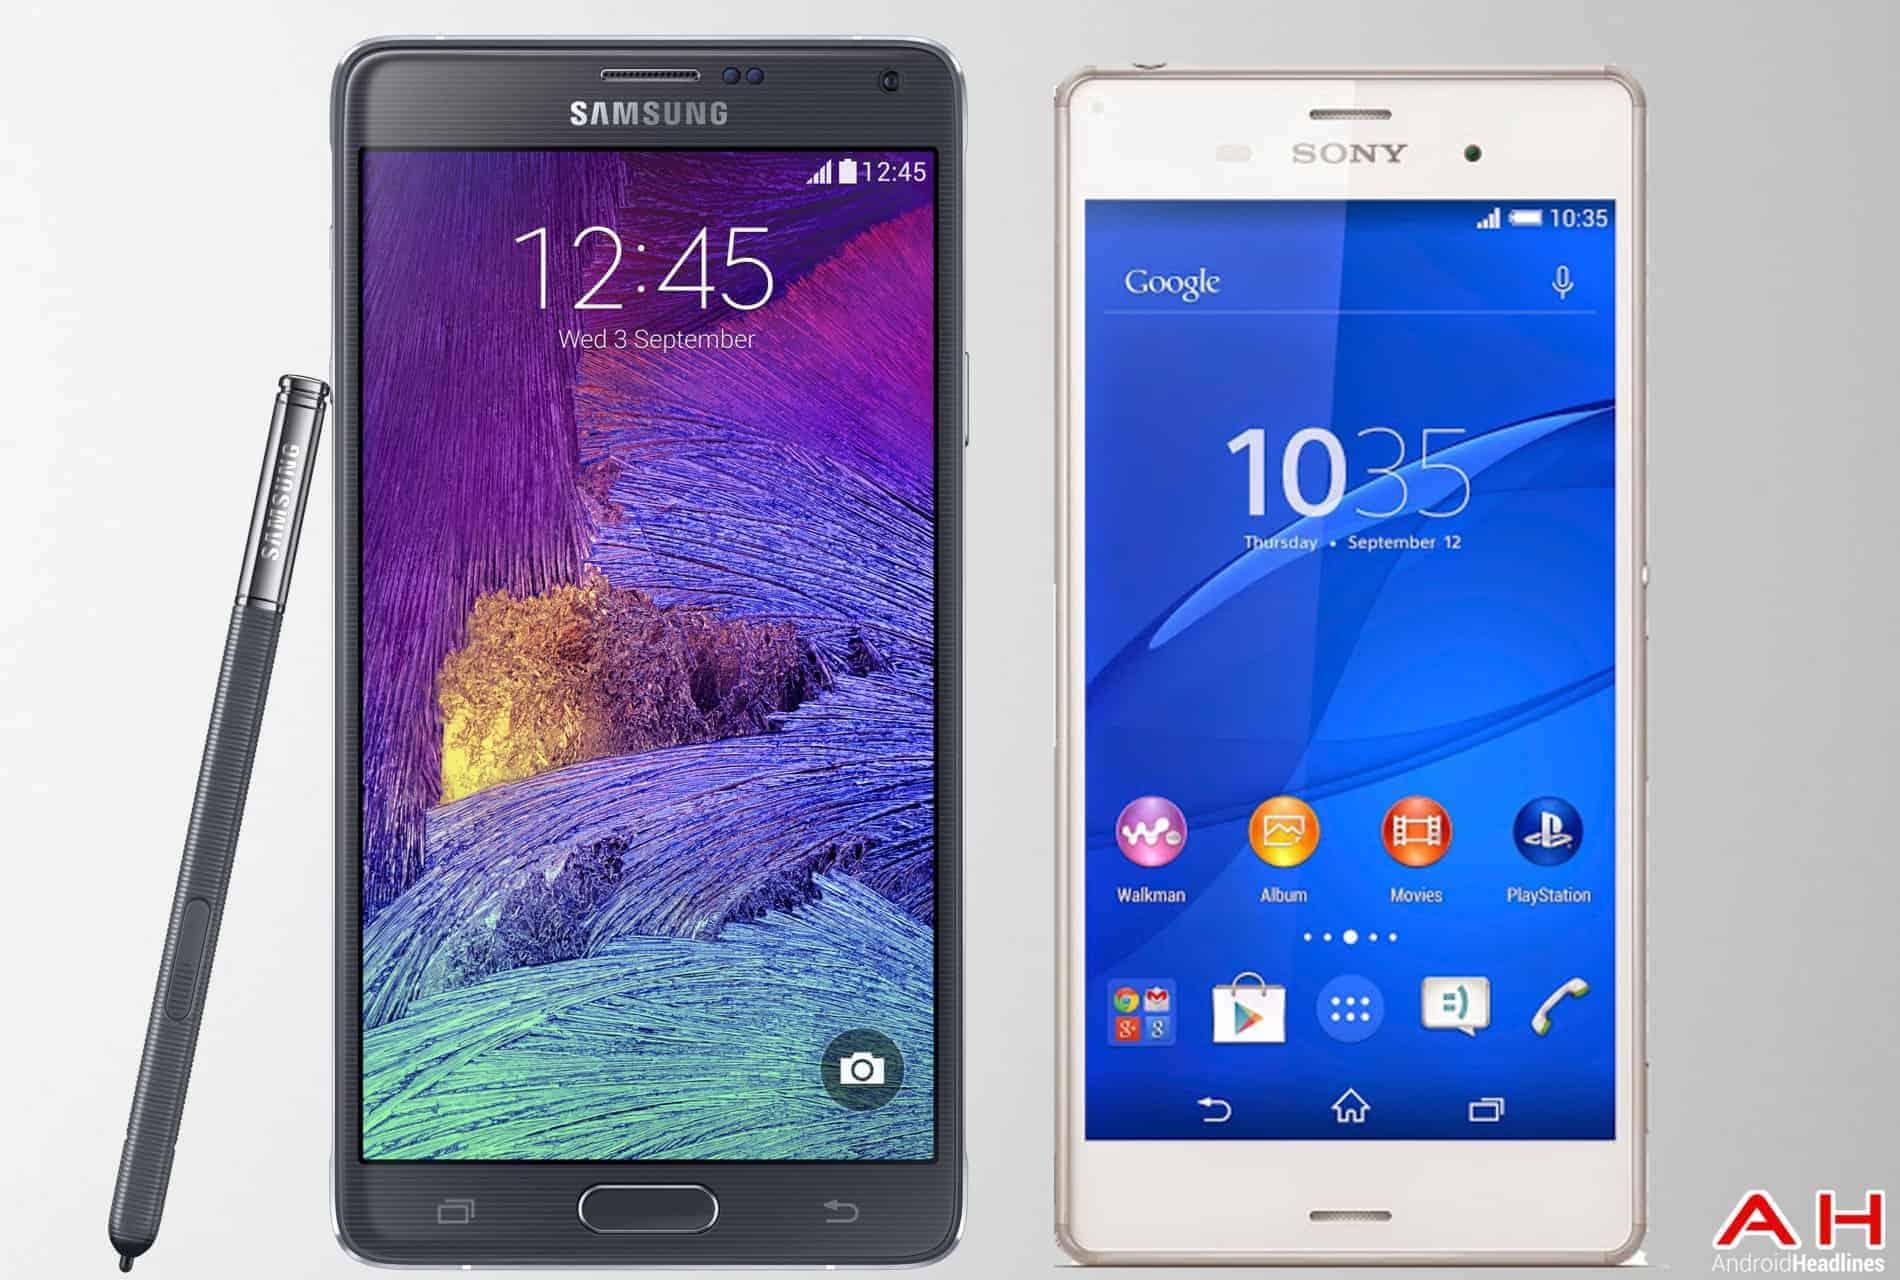 AH Samsung Galaxy Note 4 Vs Sony Xperia Z3 1